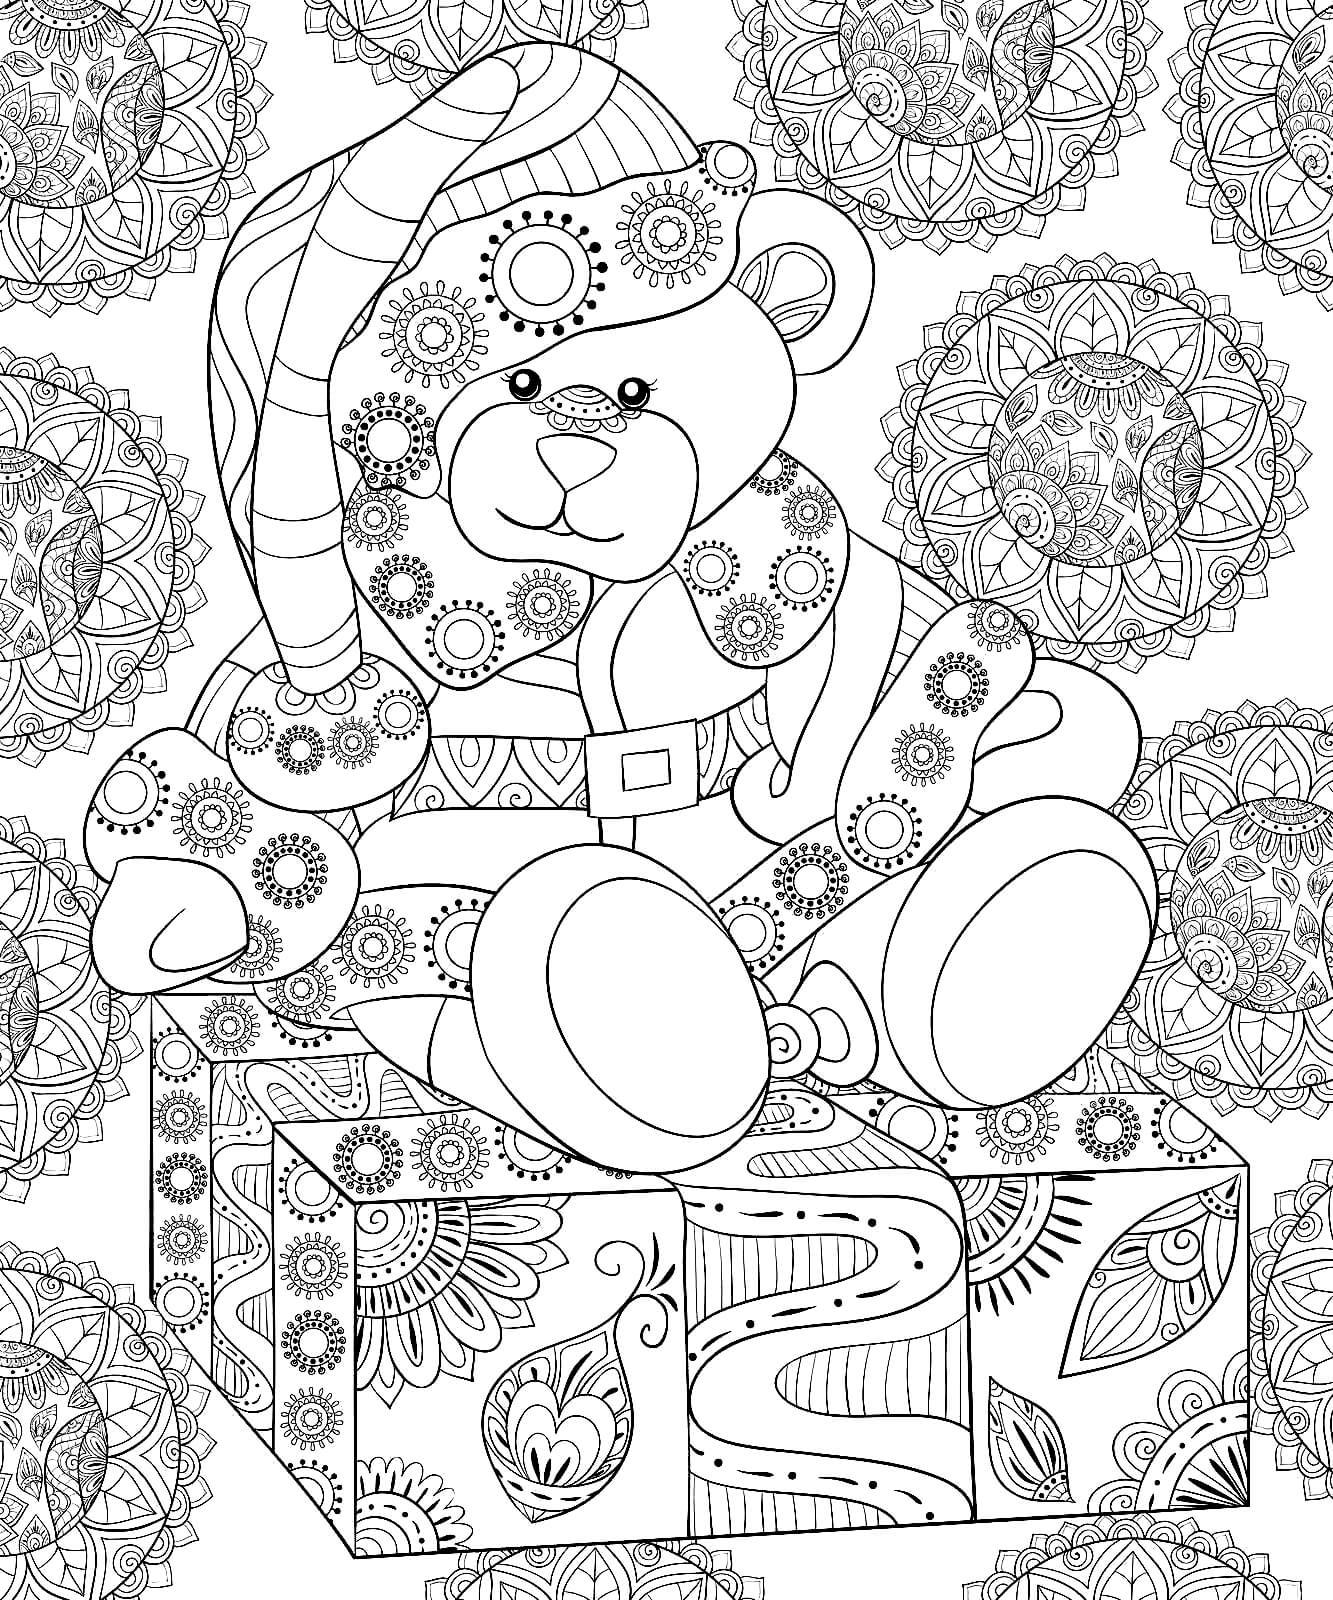 Раскраска Плюшевый медвежонок